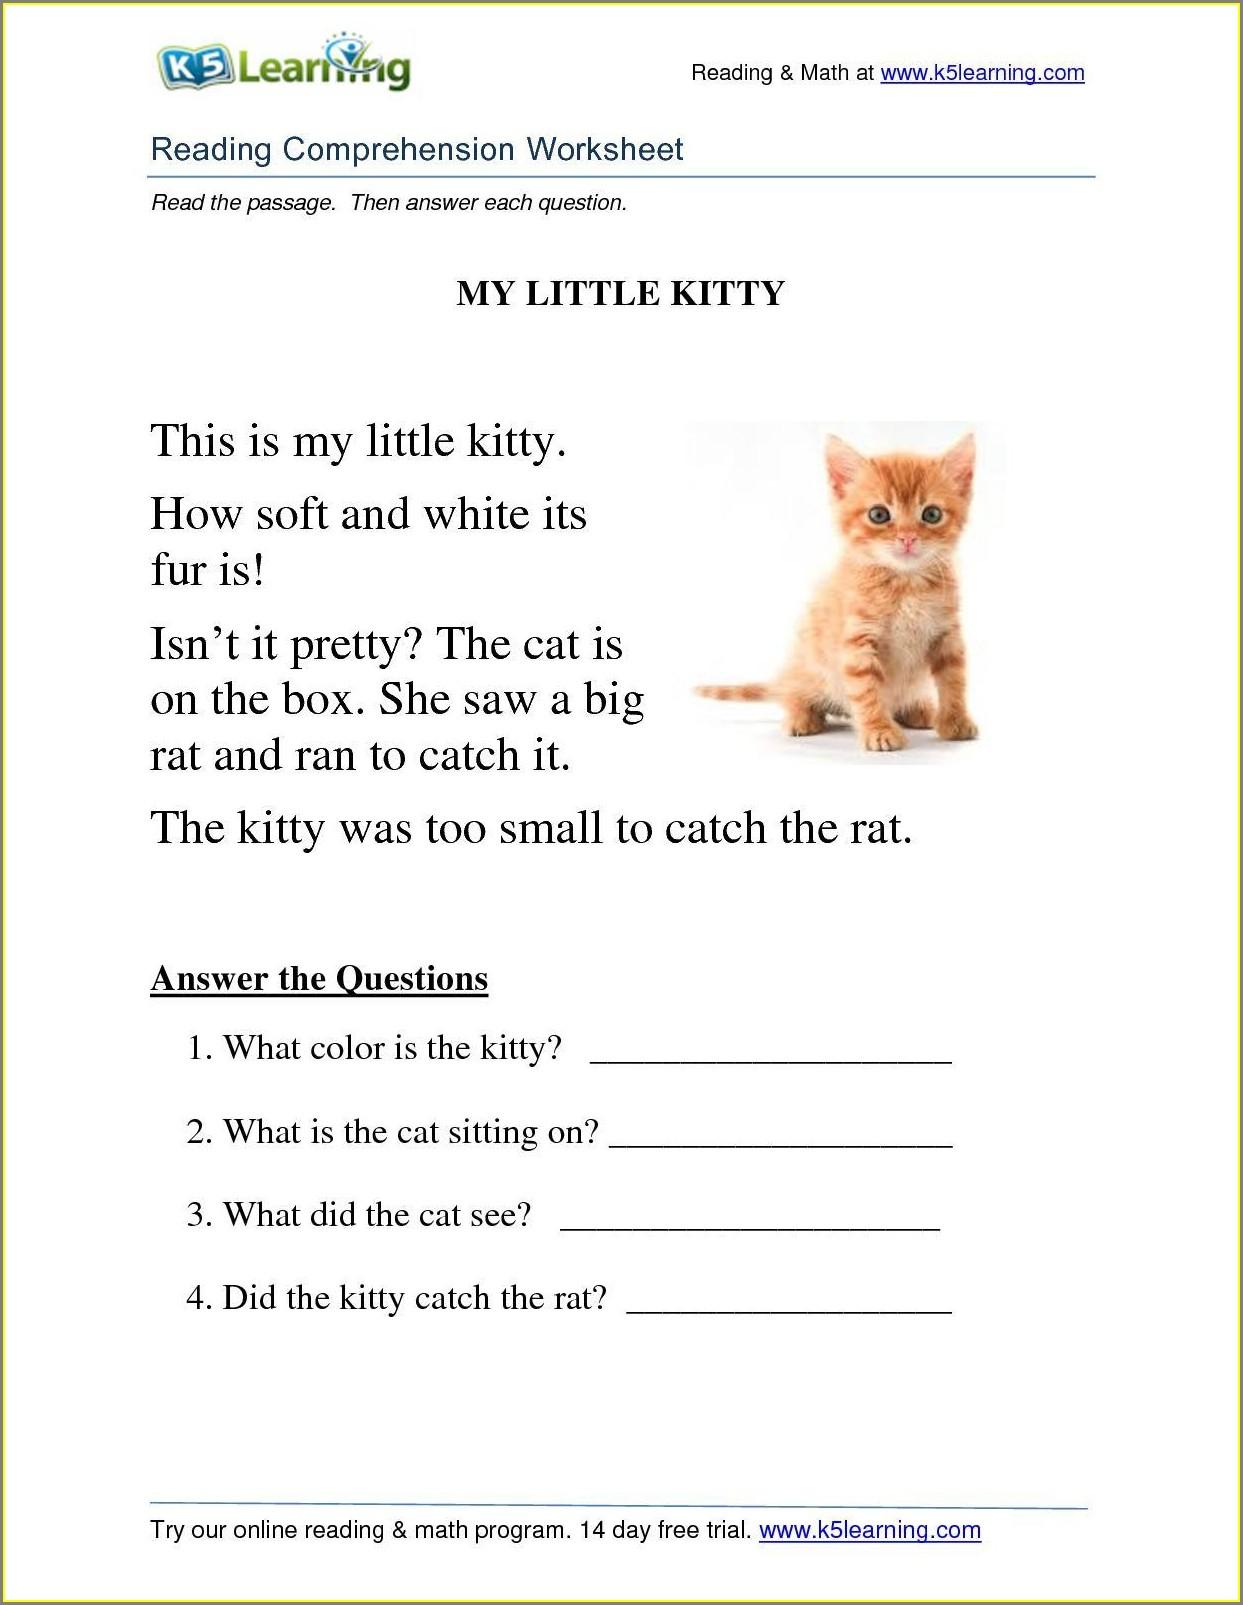 Worksheet In Reading For Grade 1